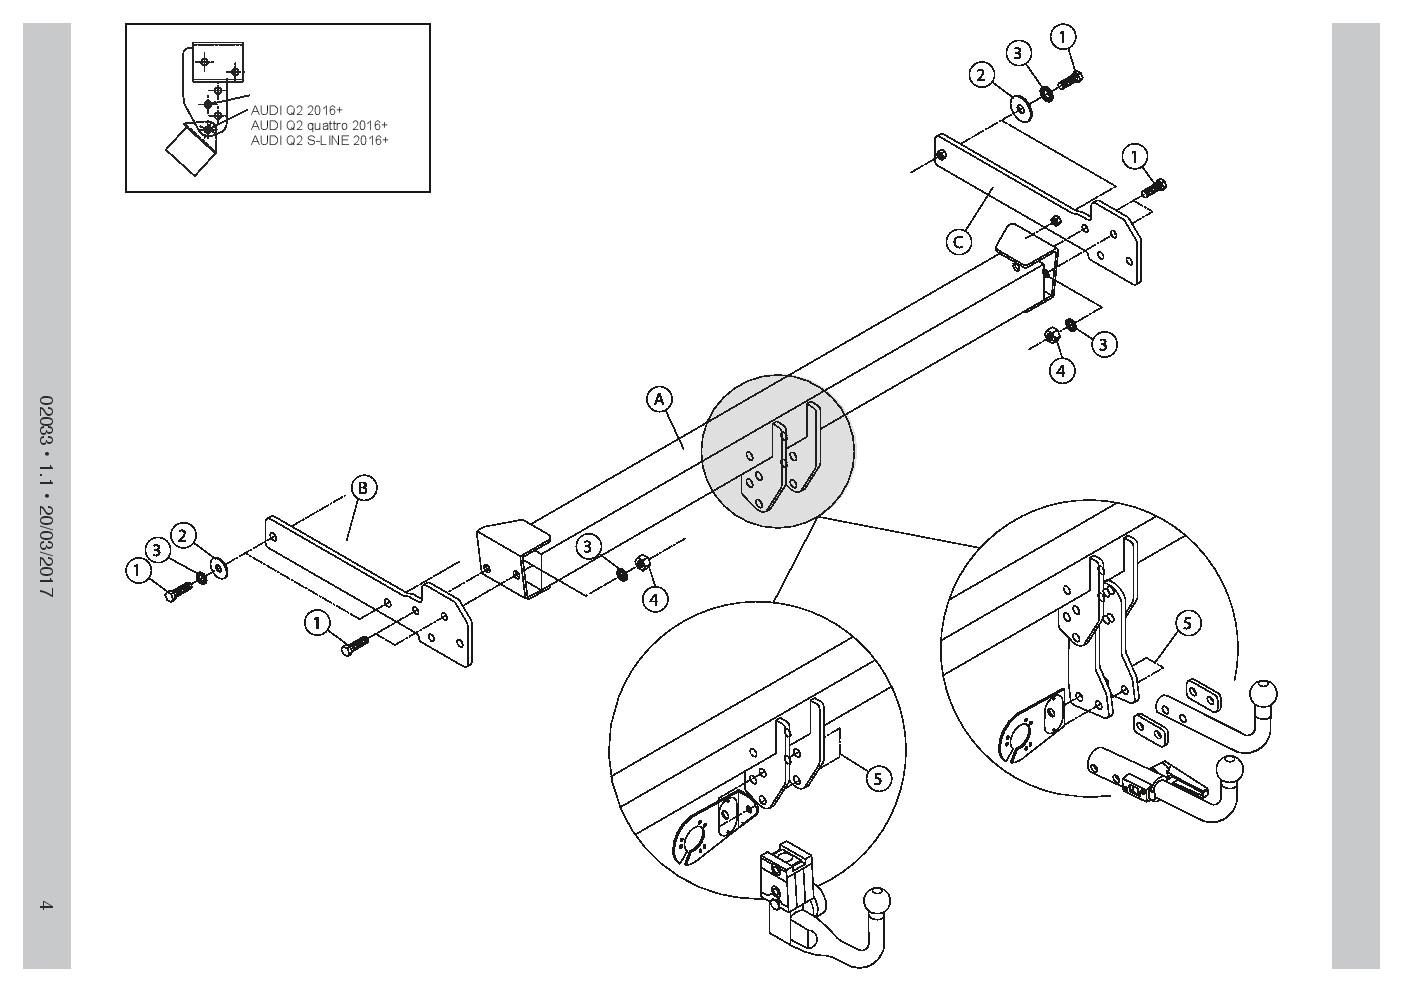 Vertical Detach Towbar For Audi A3 3 5dr Quattro S Line